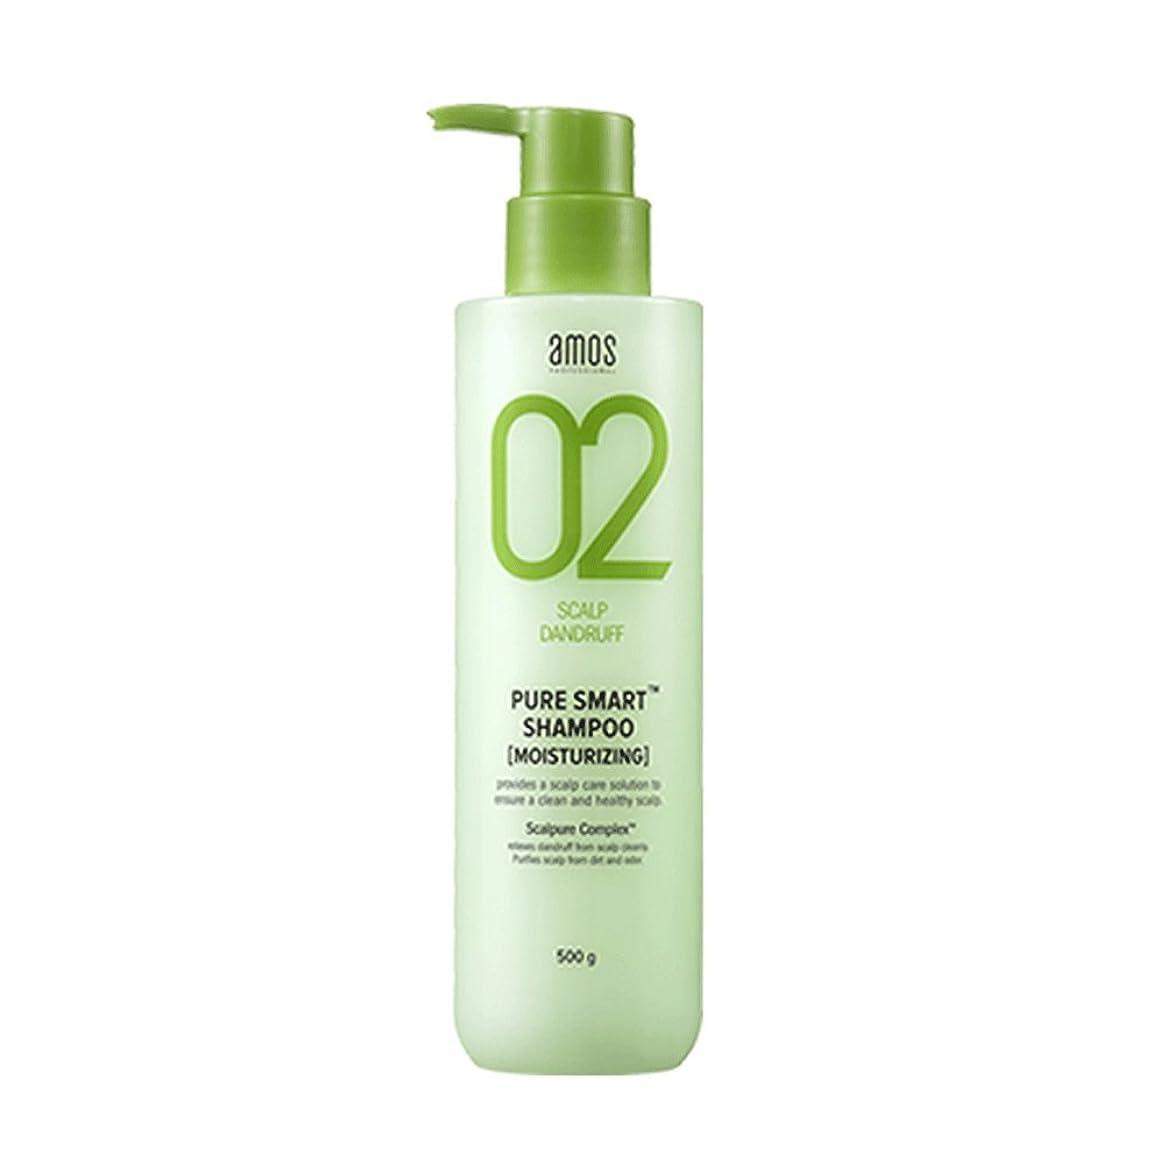 セマフォ許す銀河Amos Pure Smart Shampoo Moisturizing 500g Dandruff Shampoo 水分 フケ専用シャンプー [並行輸入品]